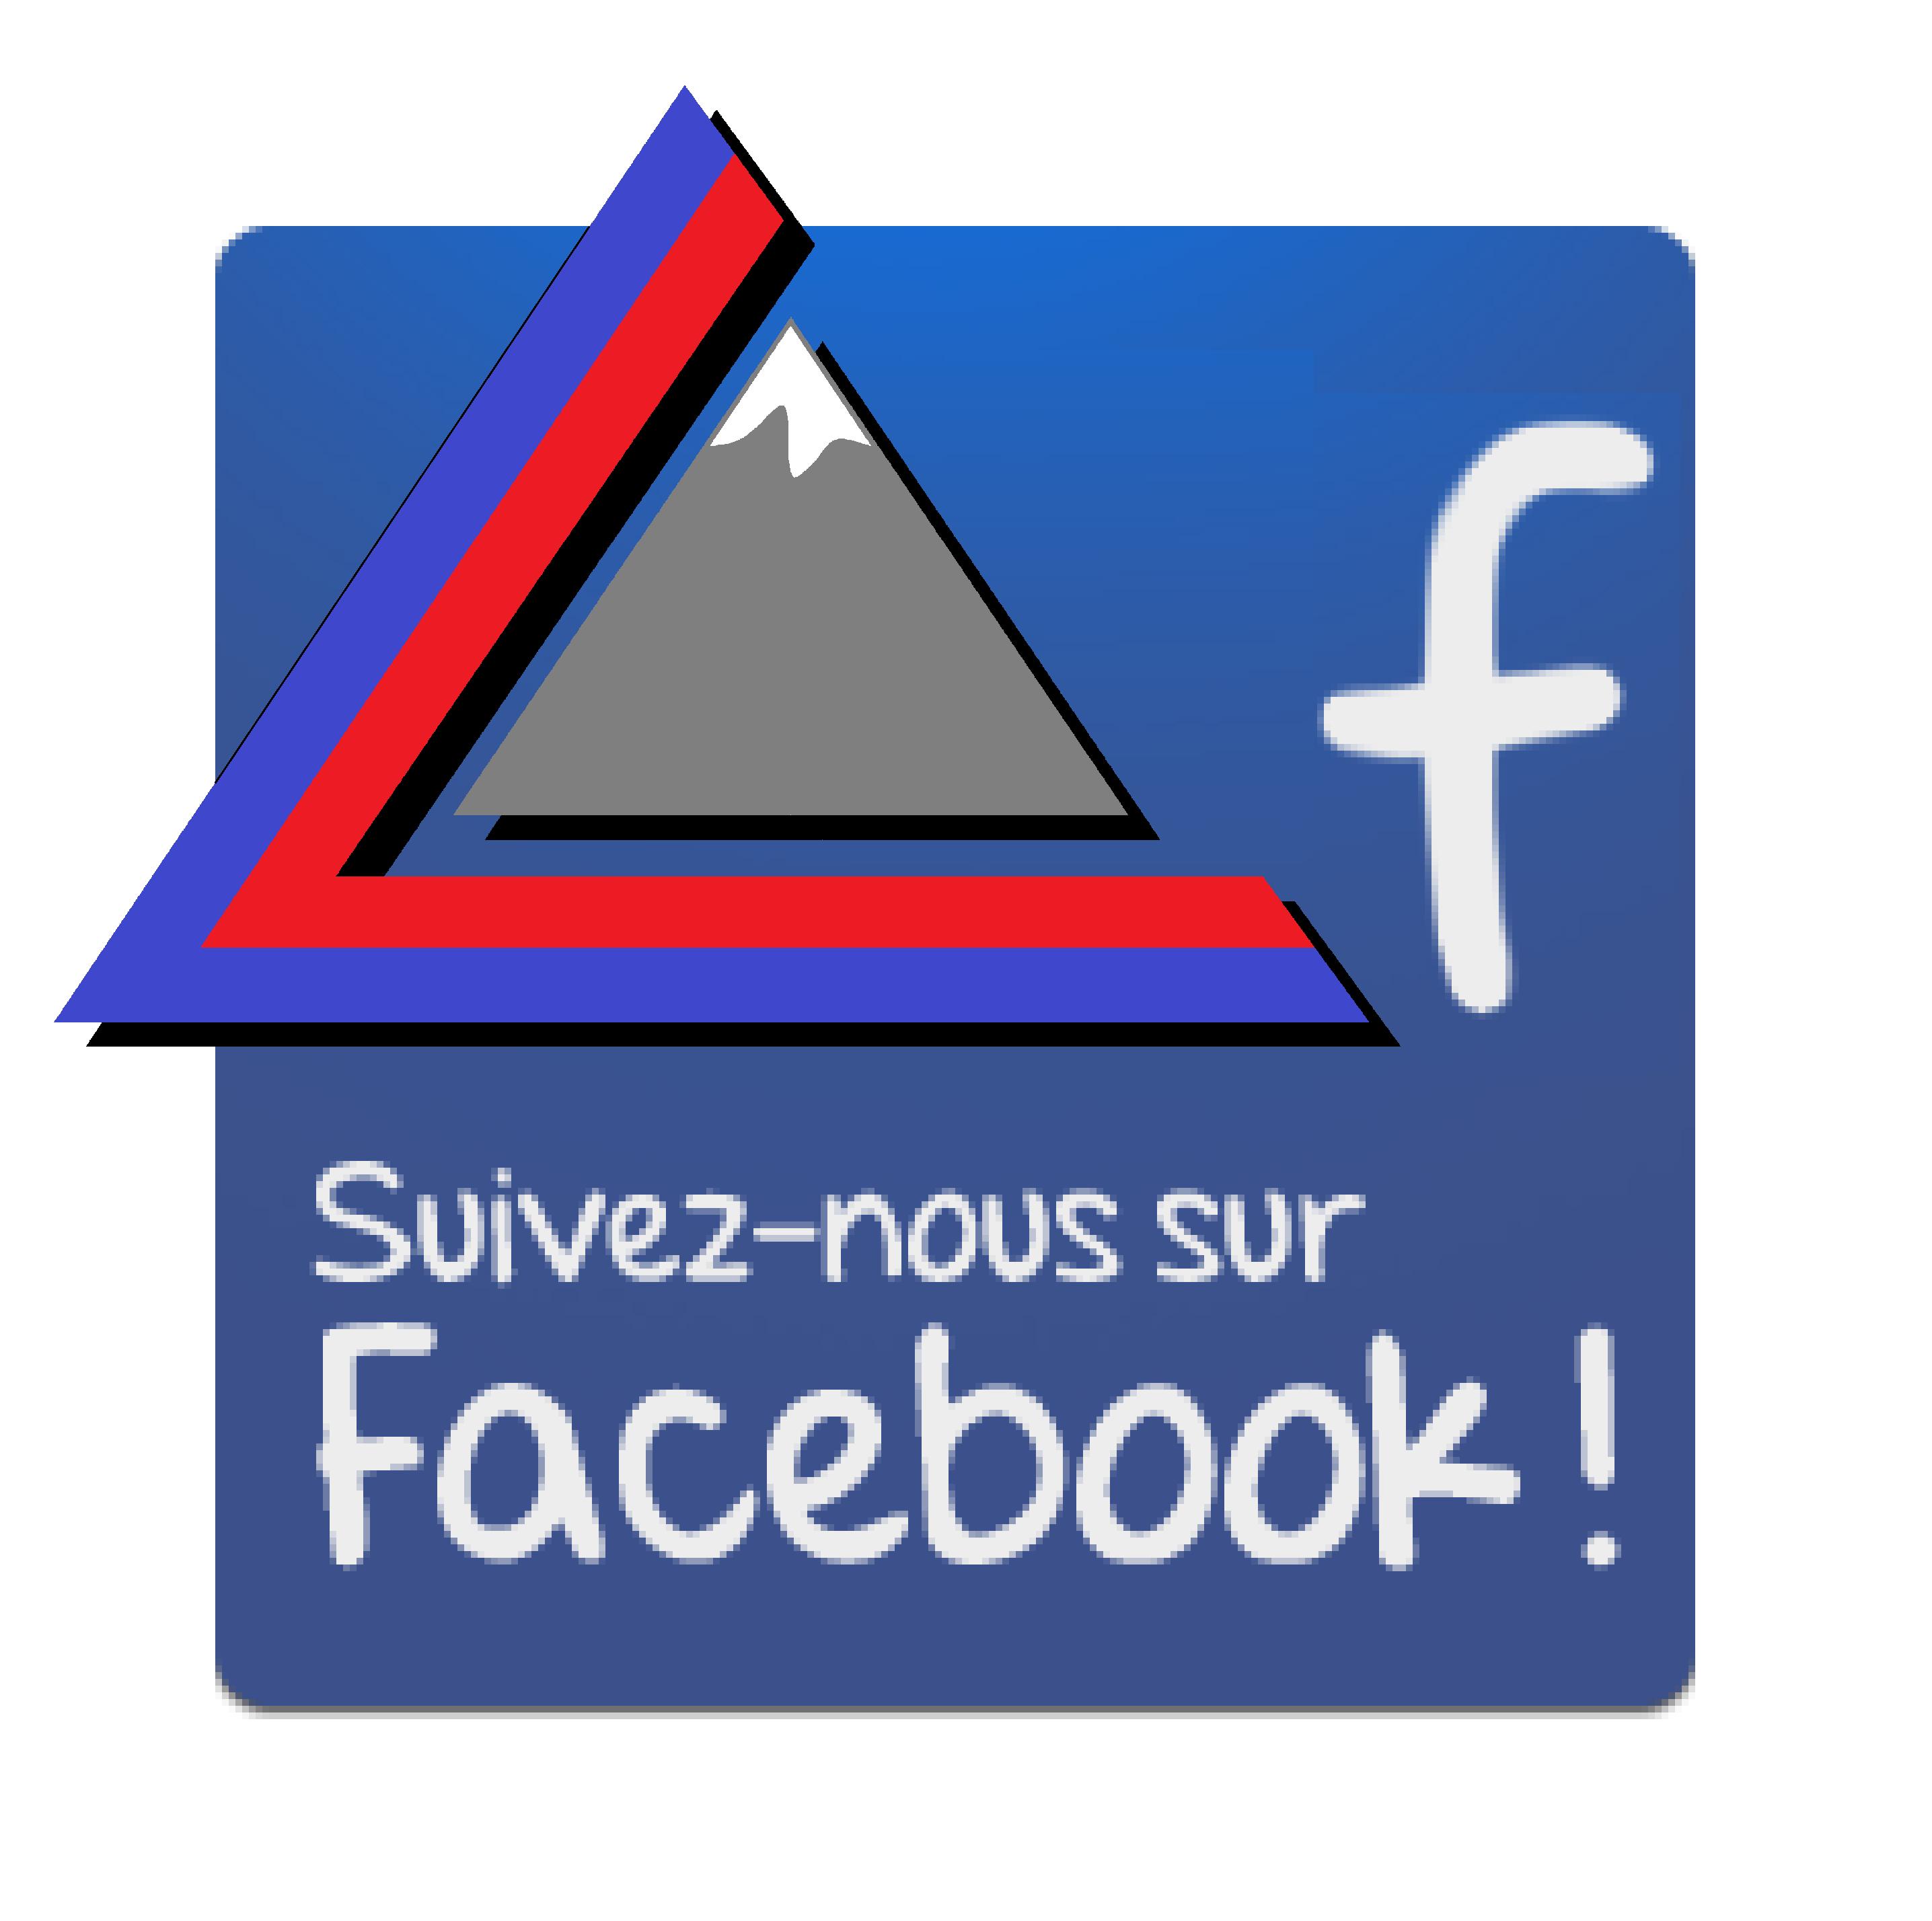 La page Facebook